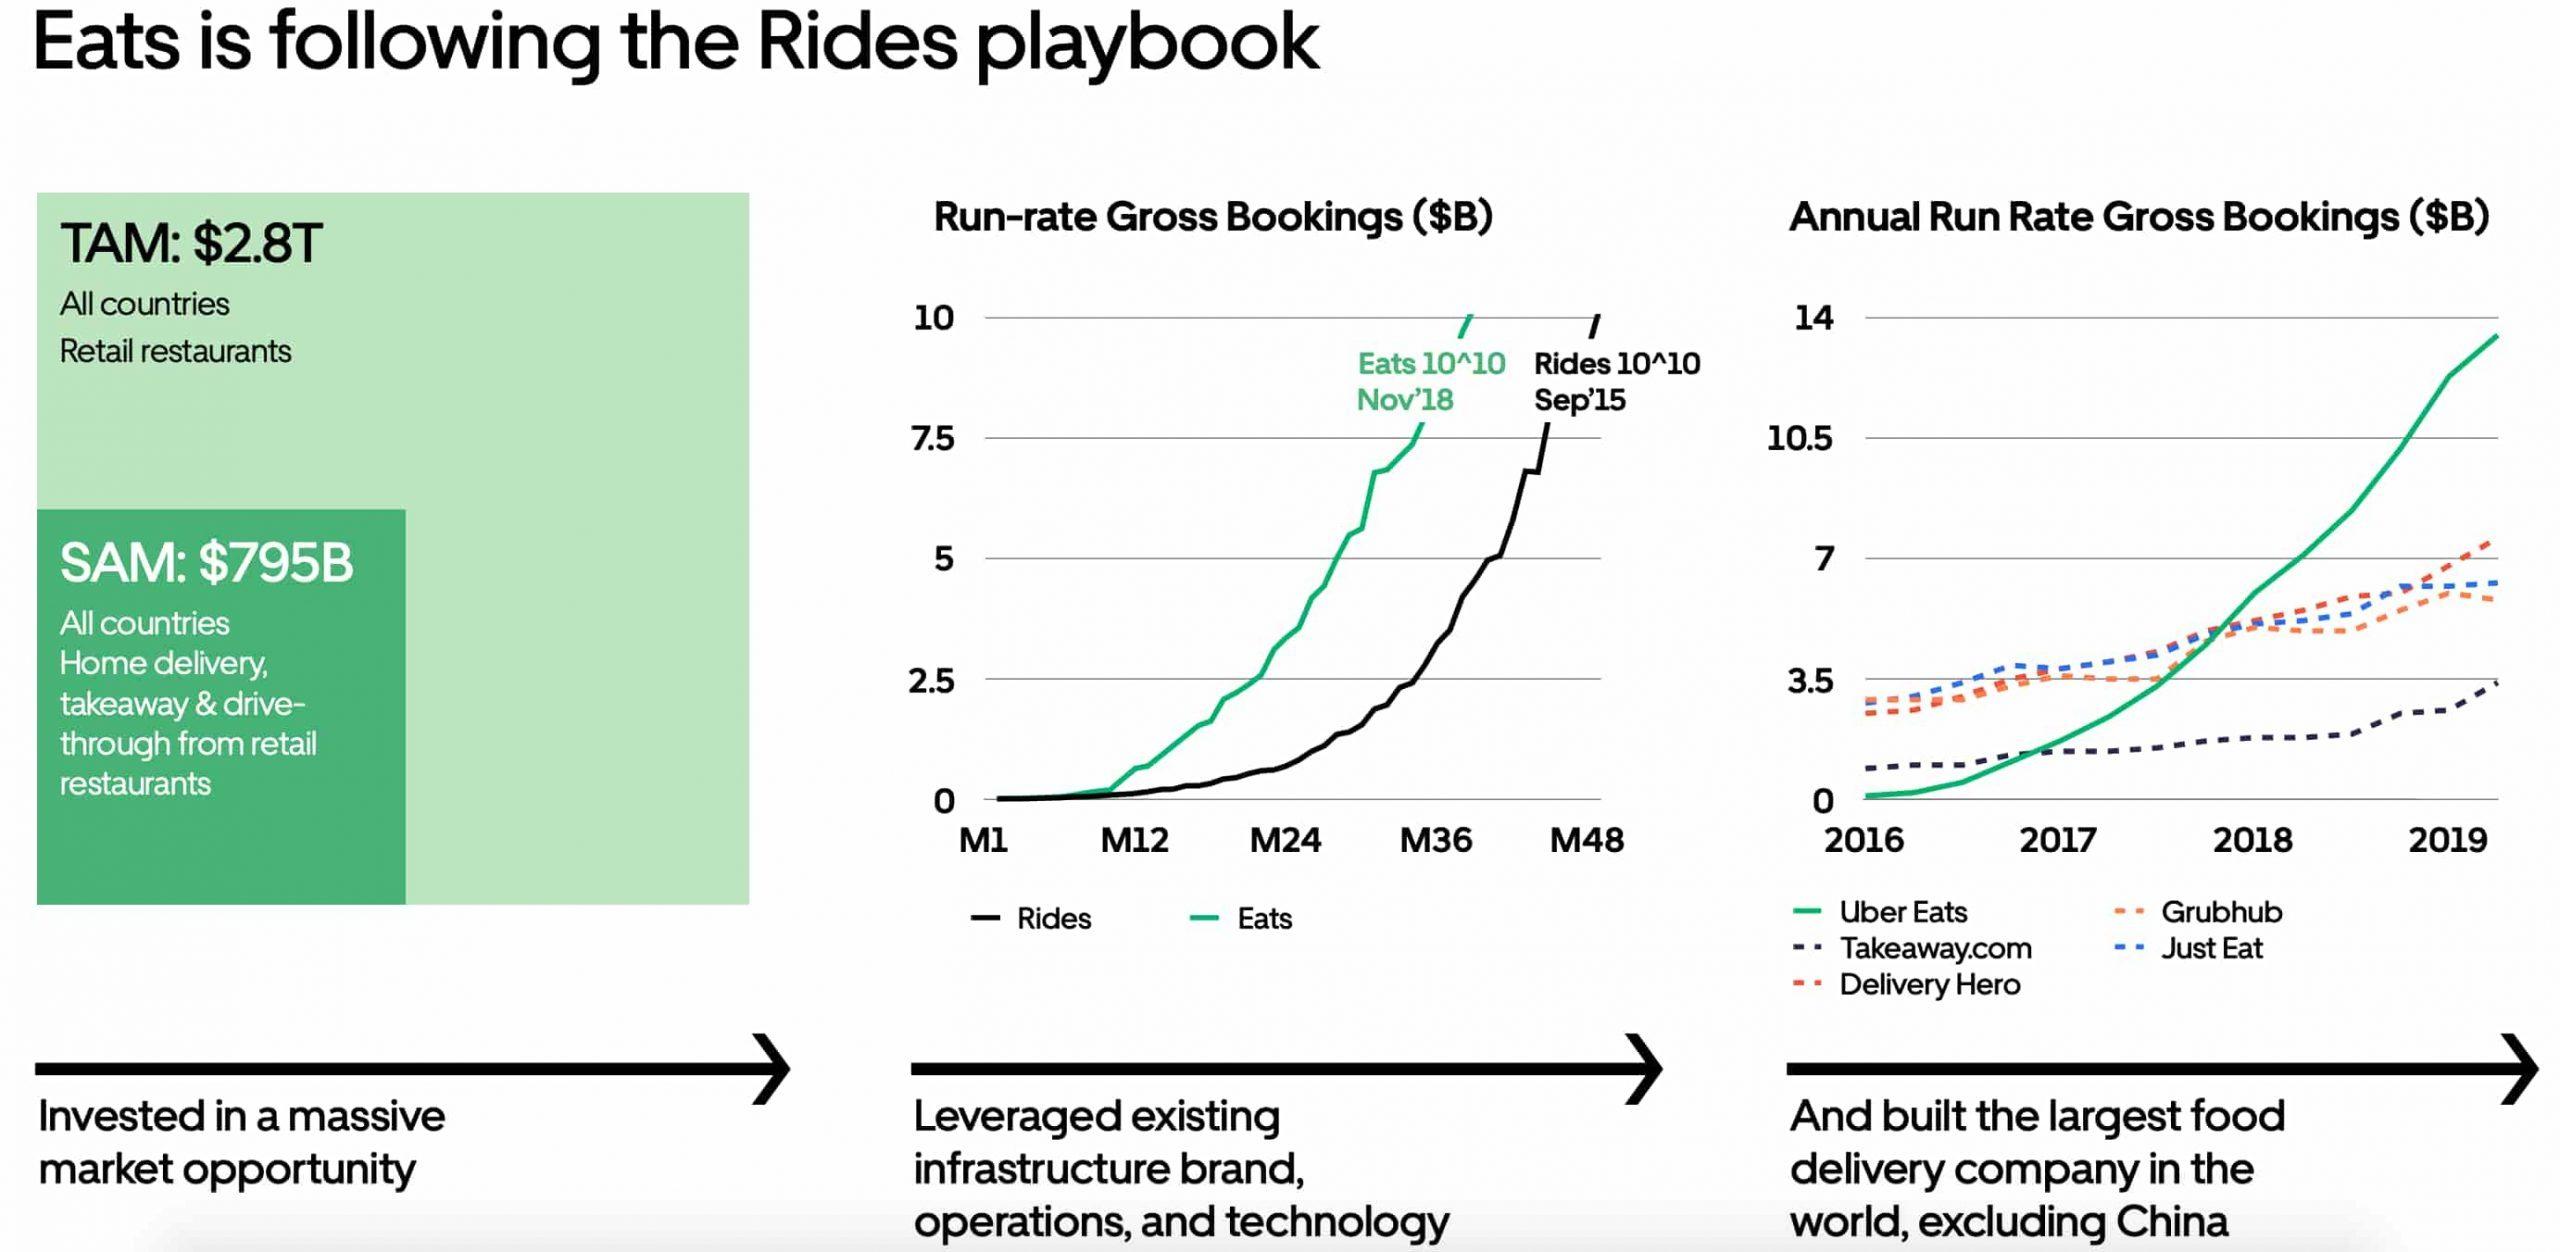 Uber Eats Market Opportunity - TAM